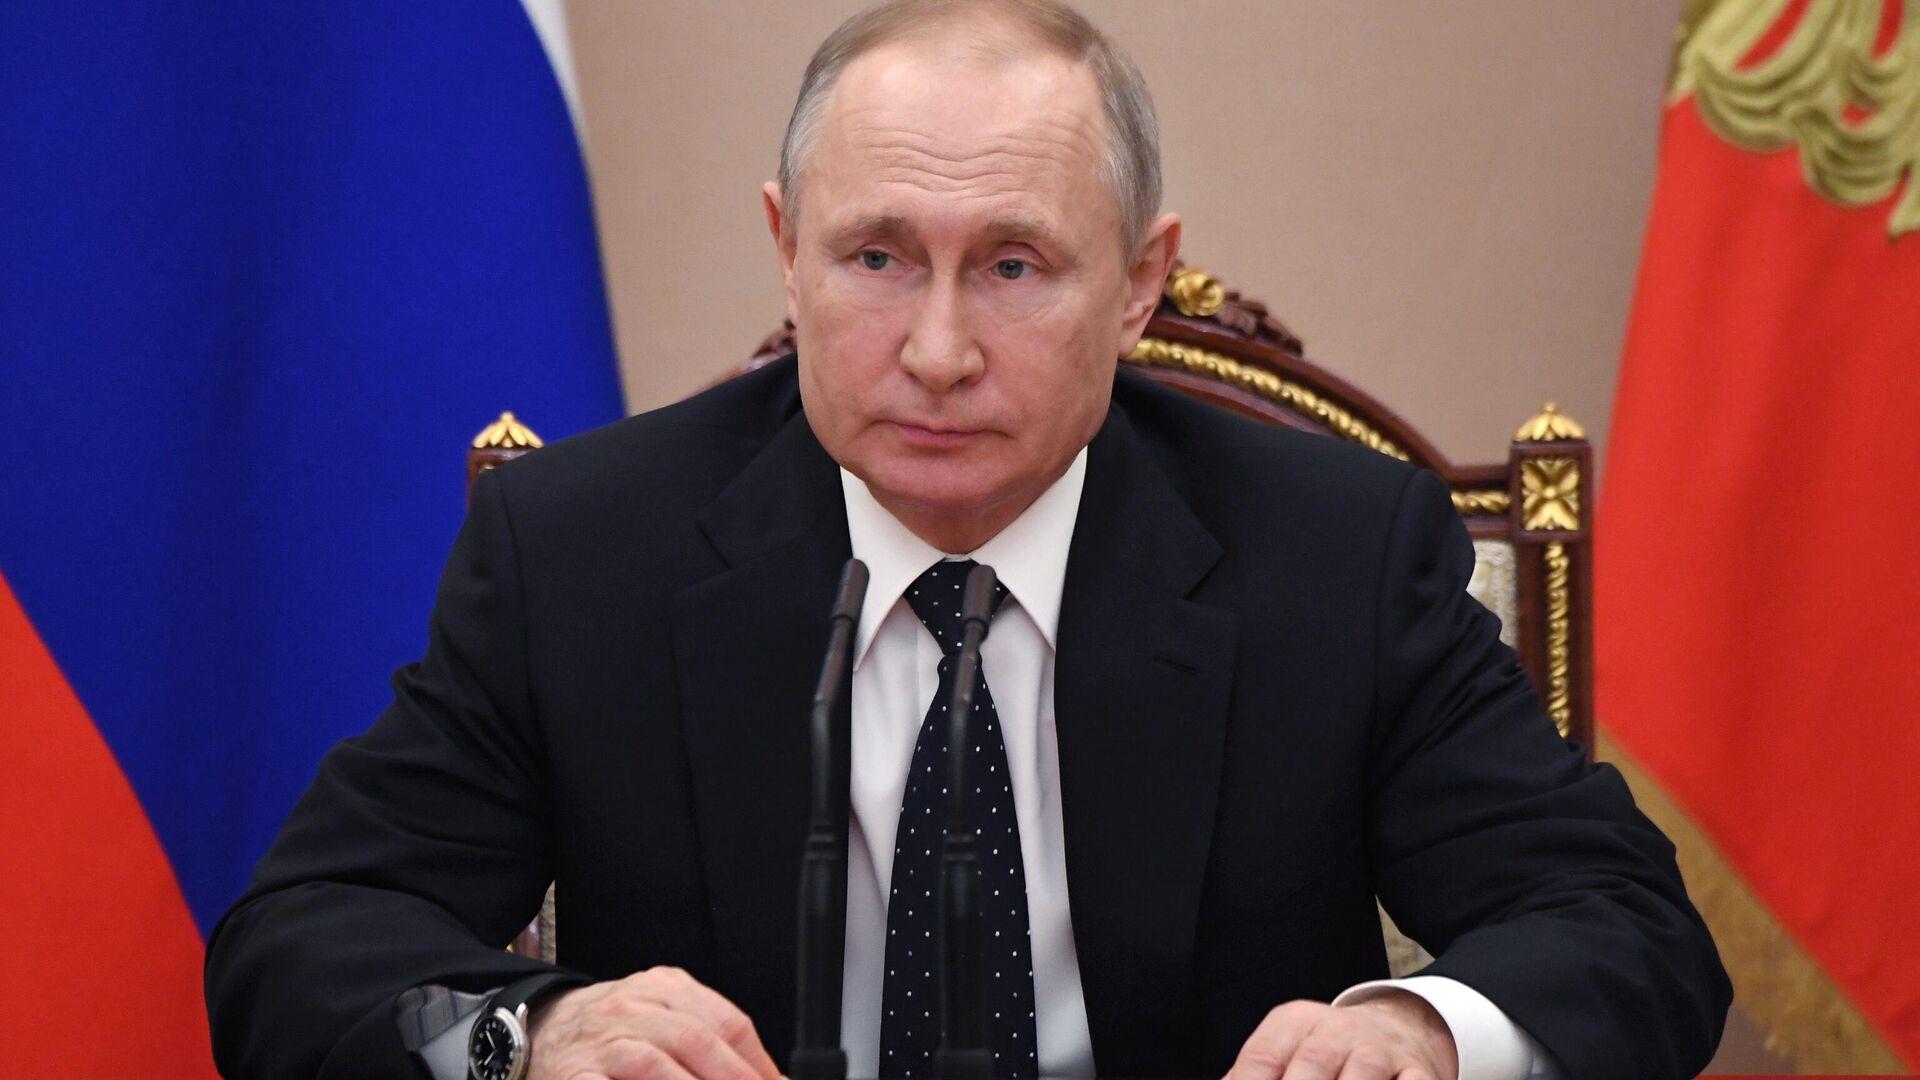 Президент РФ Владимир Путин проводит оперативное совещание с постоянными членами Совета безопасности - РИА Новости, 1920, 23.09.2020